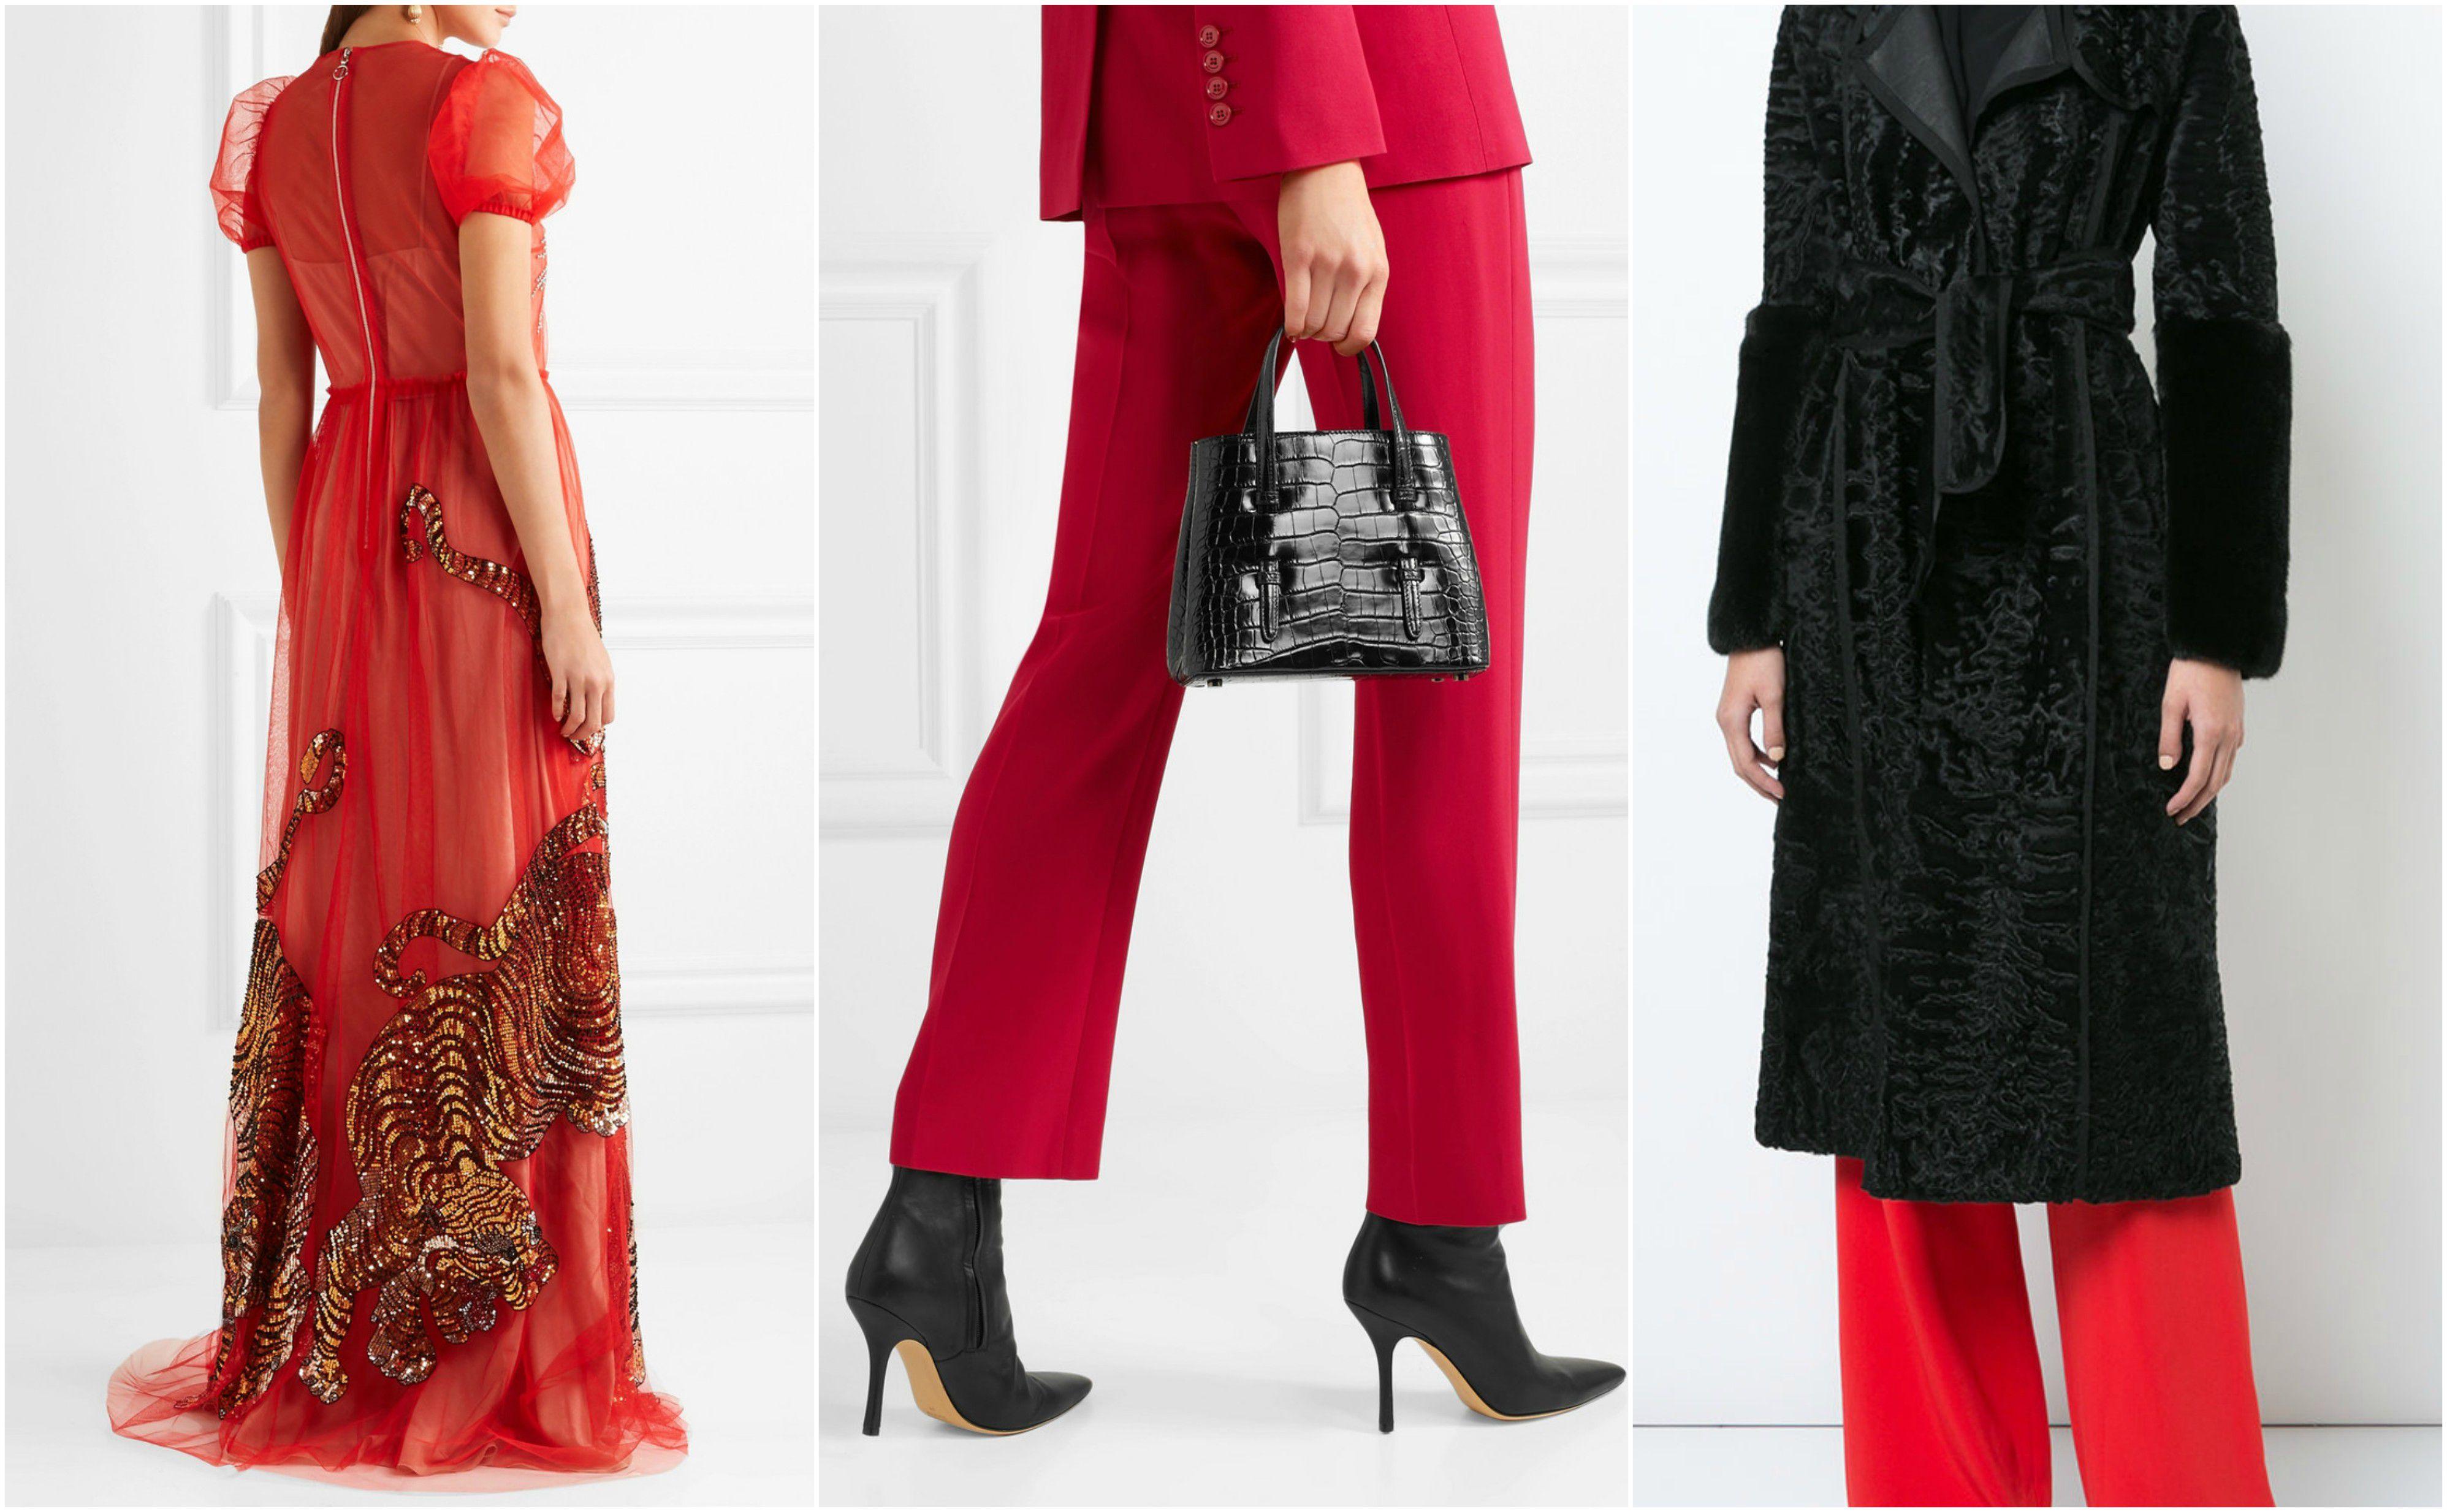 Ovo su najskuplji komadi odjeće u luksuznim online shopovima